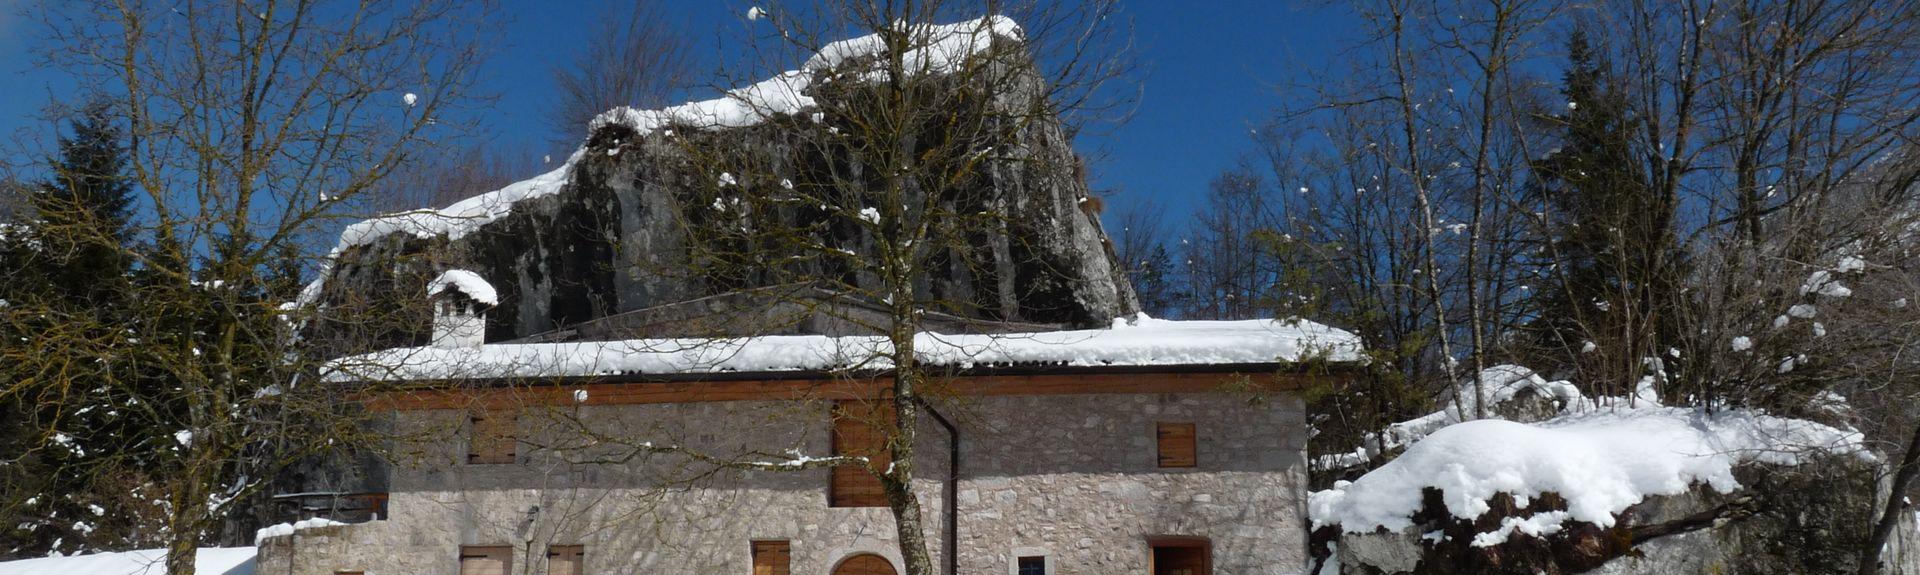 Σταθμός Trento, Τρέντο, Τρεντίνο-Άλτο Άντιτζε, Ιταλία